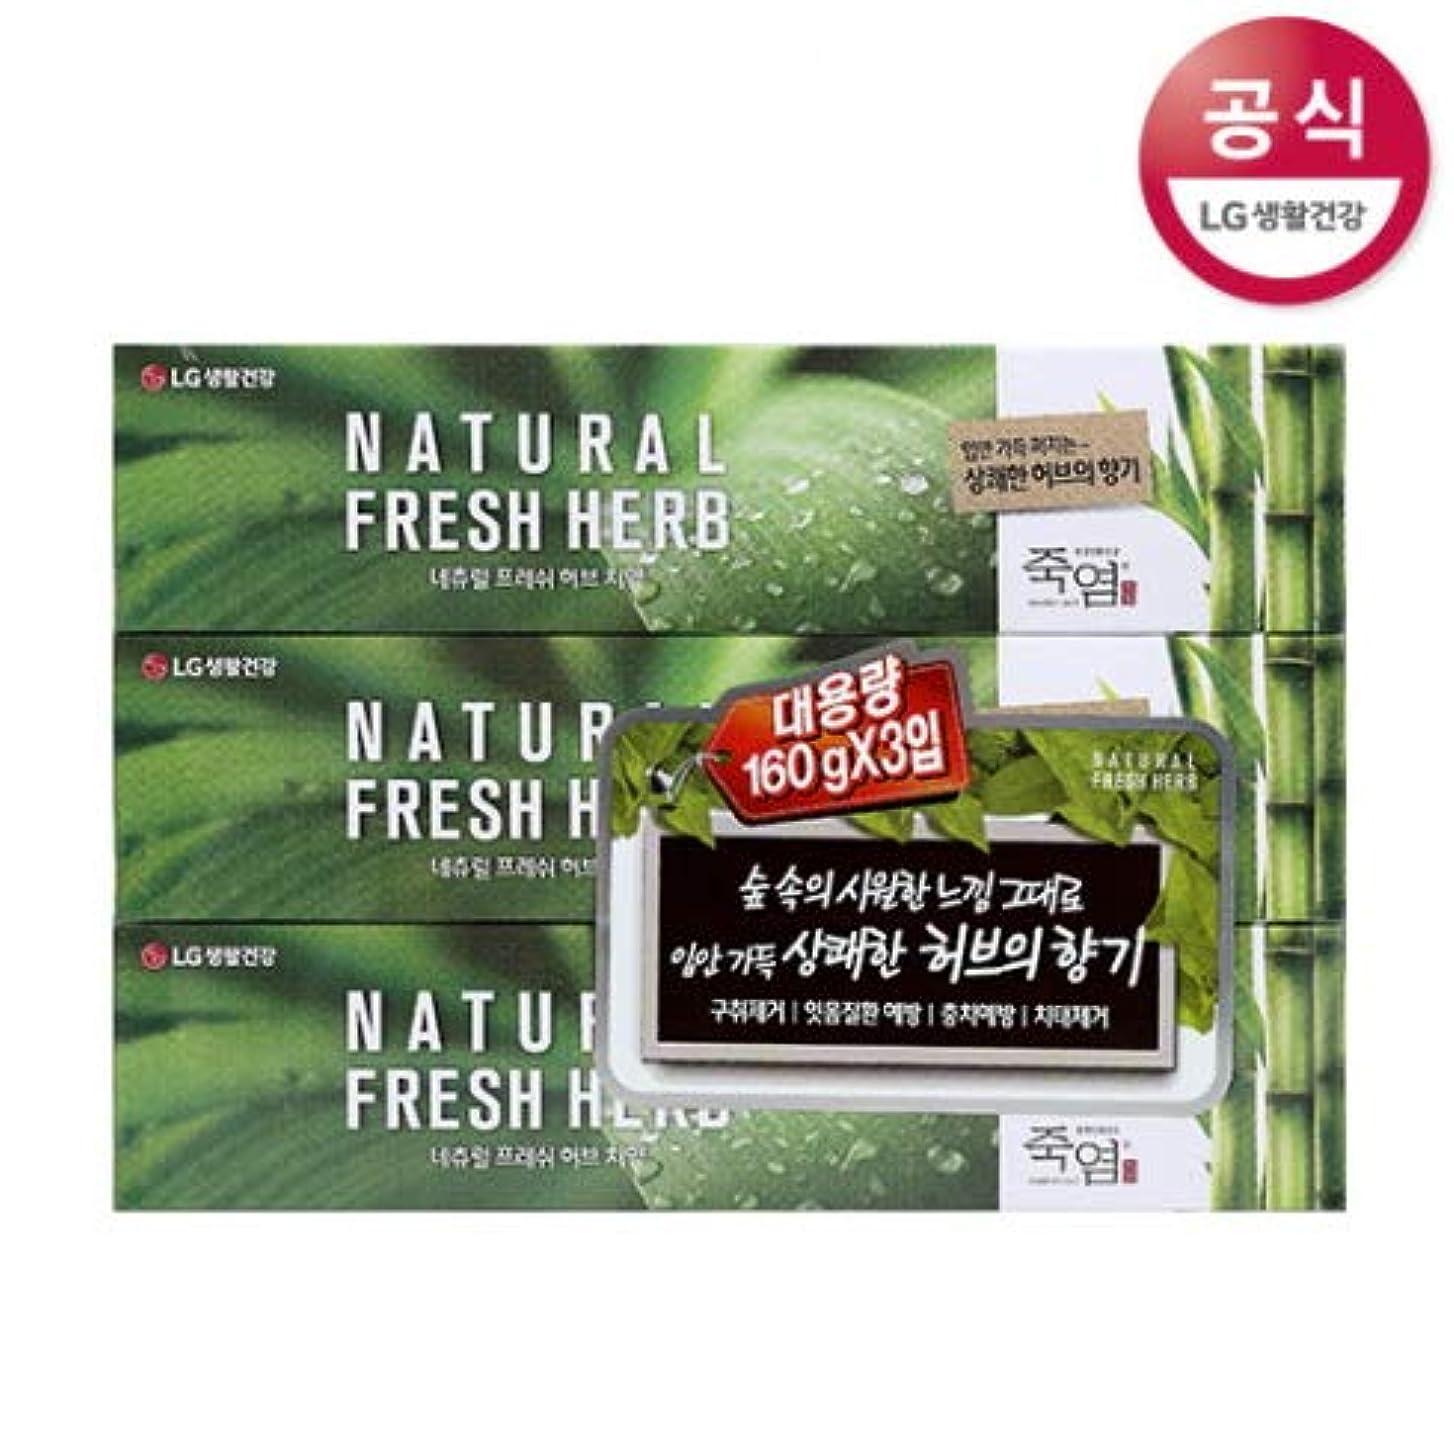 遠えダーツ褒賞[LG HnB] Bamboo Salt Natural Fresh Herbal Toothpaste/竹塩ナチュラルフレッシュハーブ歯磨き粉 160gx3個(海外直送品)